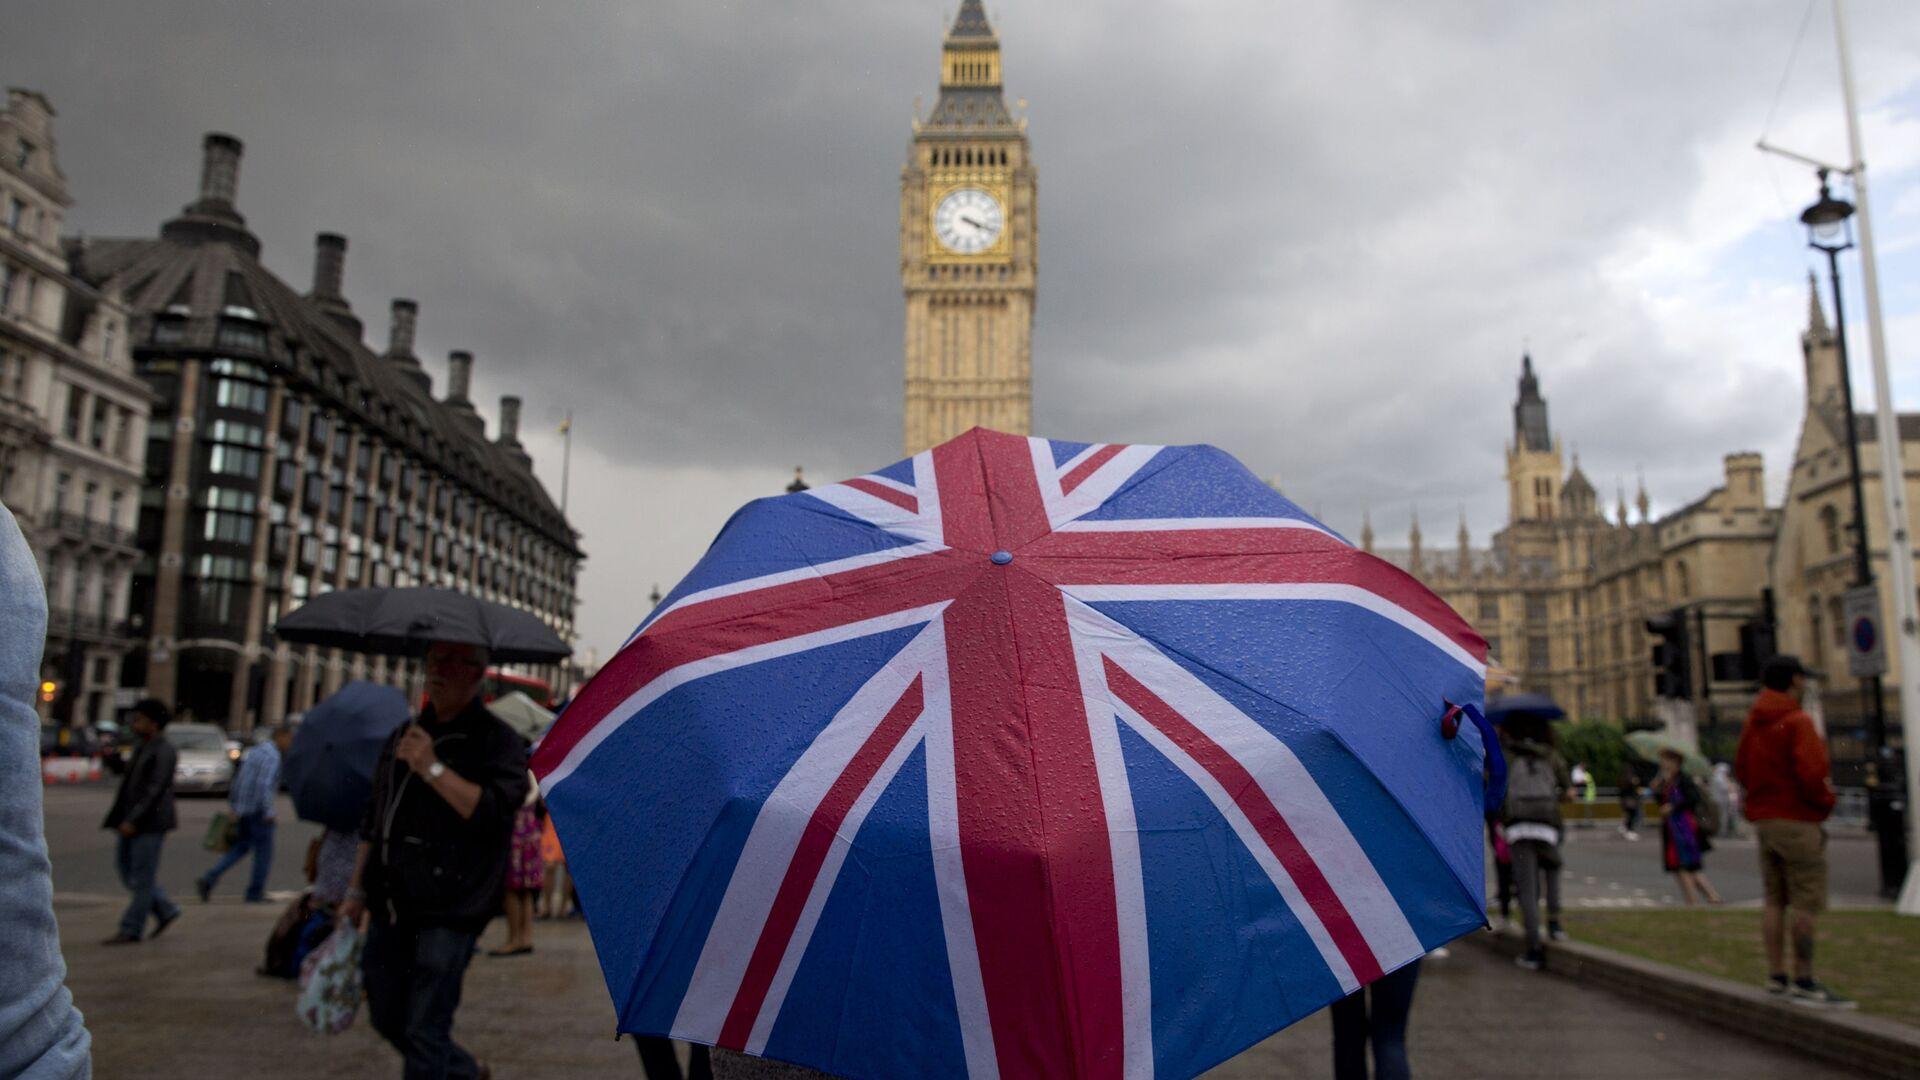 Пешеход с зонтом в цветах британского флага в Лондоне - Sputnik Латвия, 1920, 26.09.2021